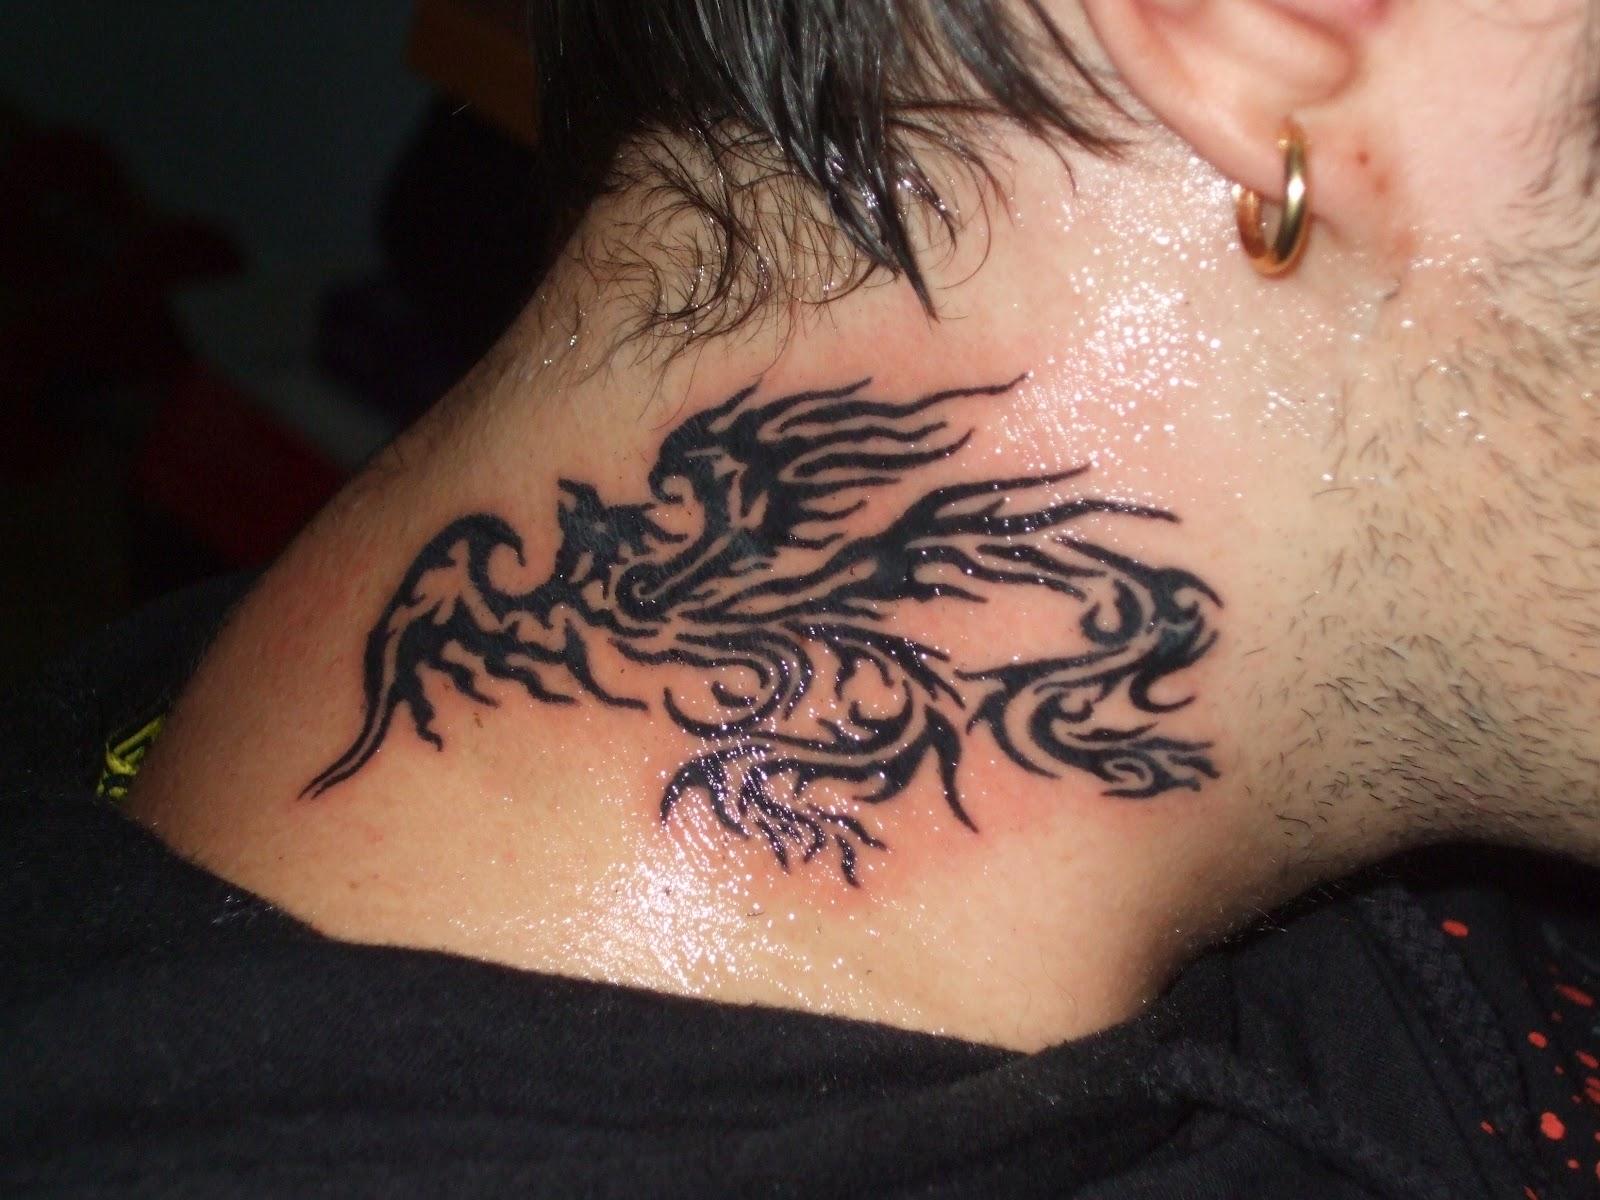 Tatuajes Grandes En El Cuello en el cuello ~ the dark design